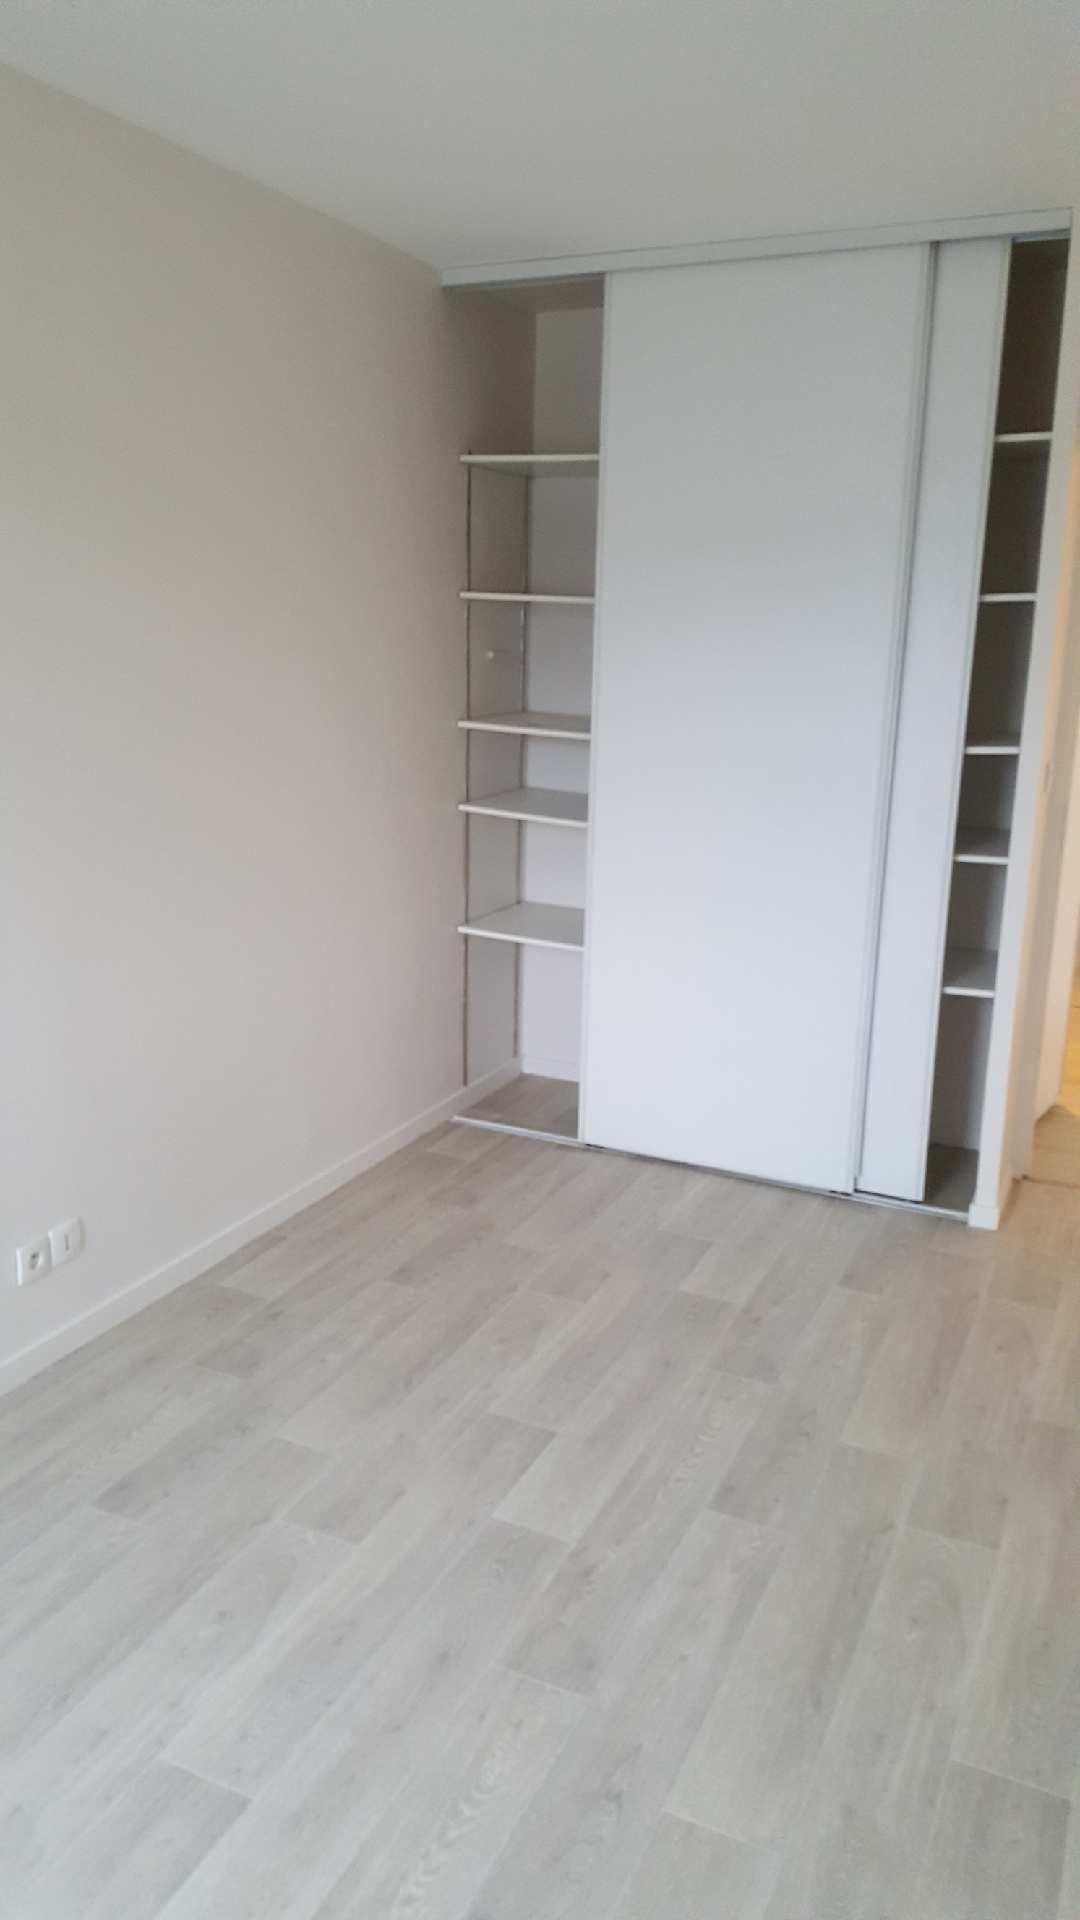 Réfection d'un logement sur Rouen pour une location